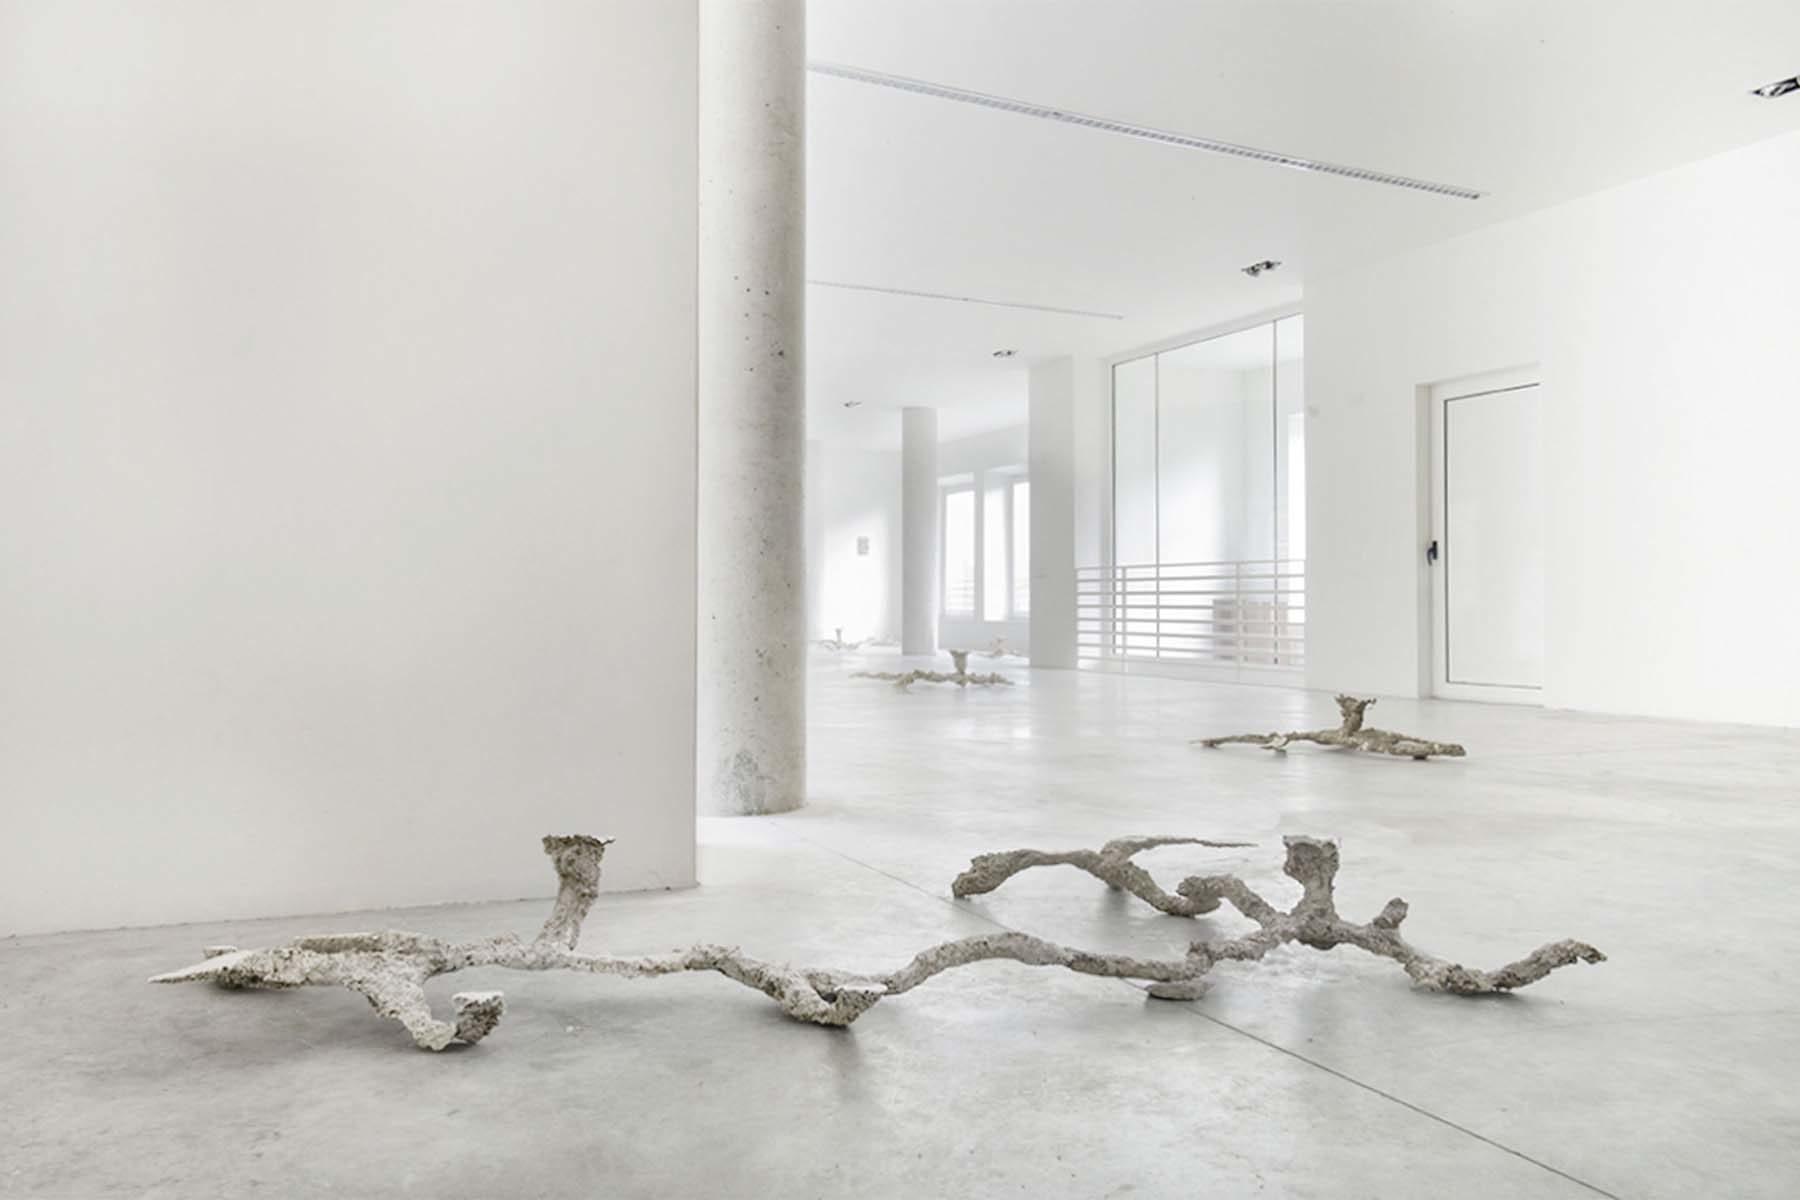 Sentieri non-euclidei, installation view, Nuovo Spazio di Casso, Dolomiti Contemporanee